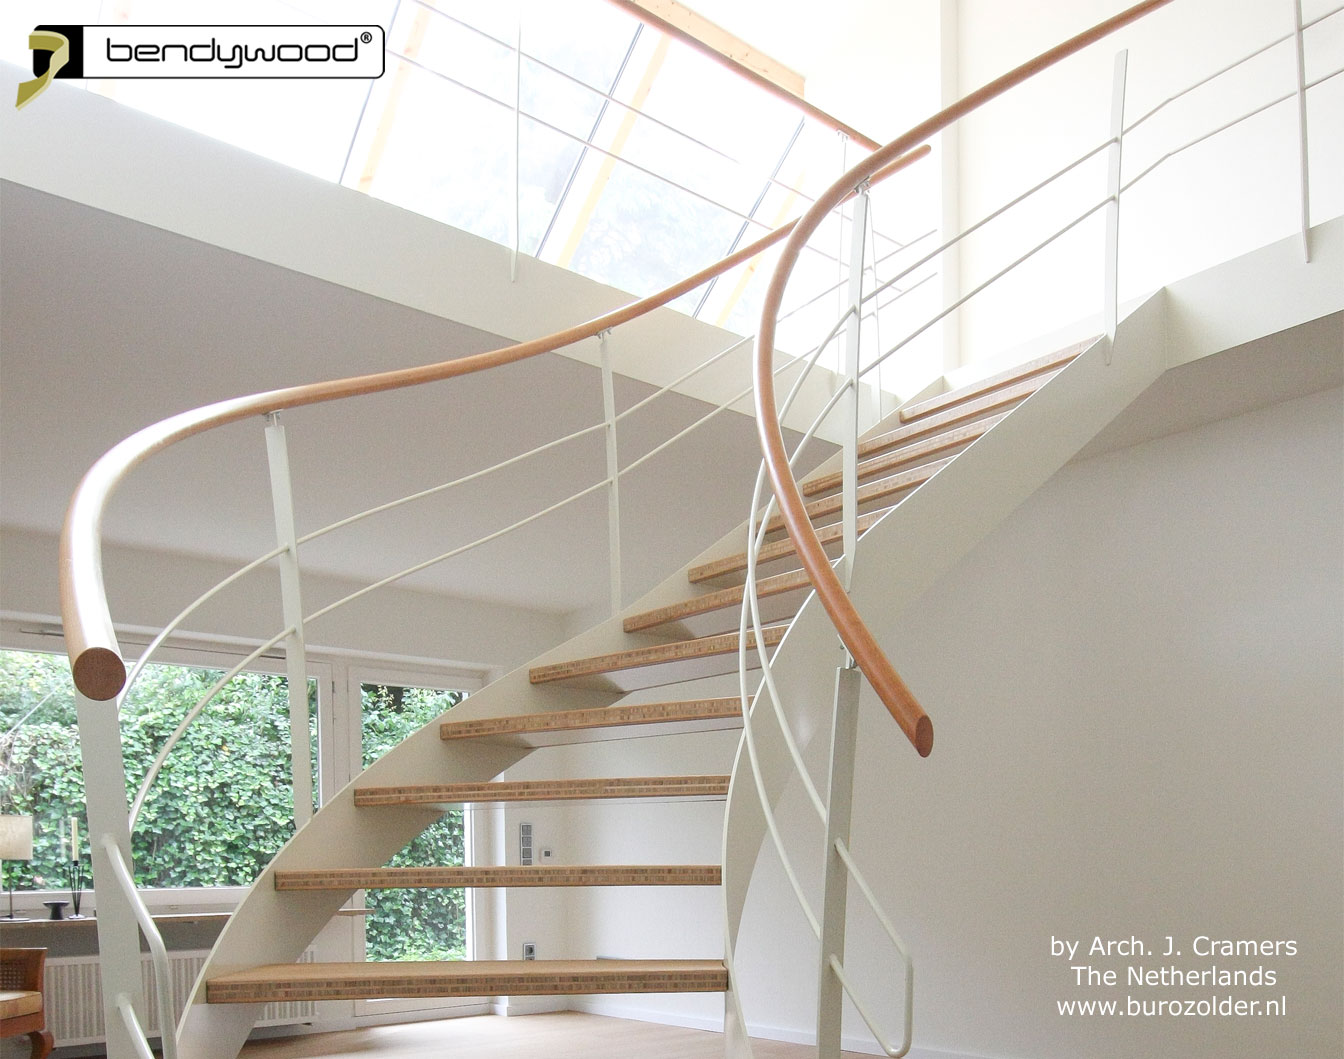 Bending wood Bendywood® - stairs with bending handrails